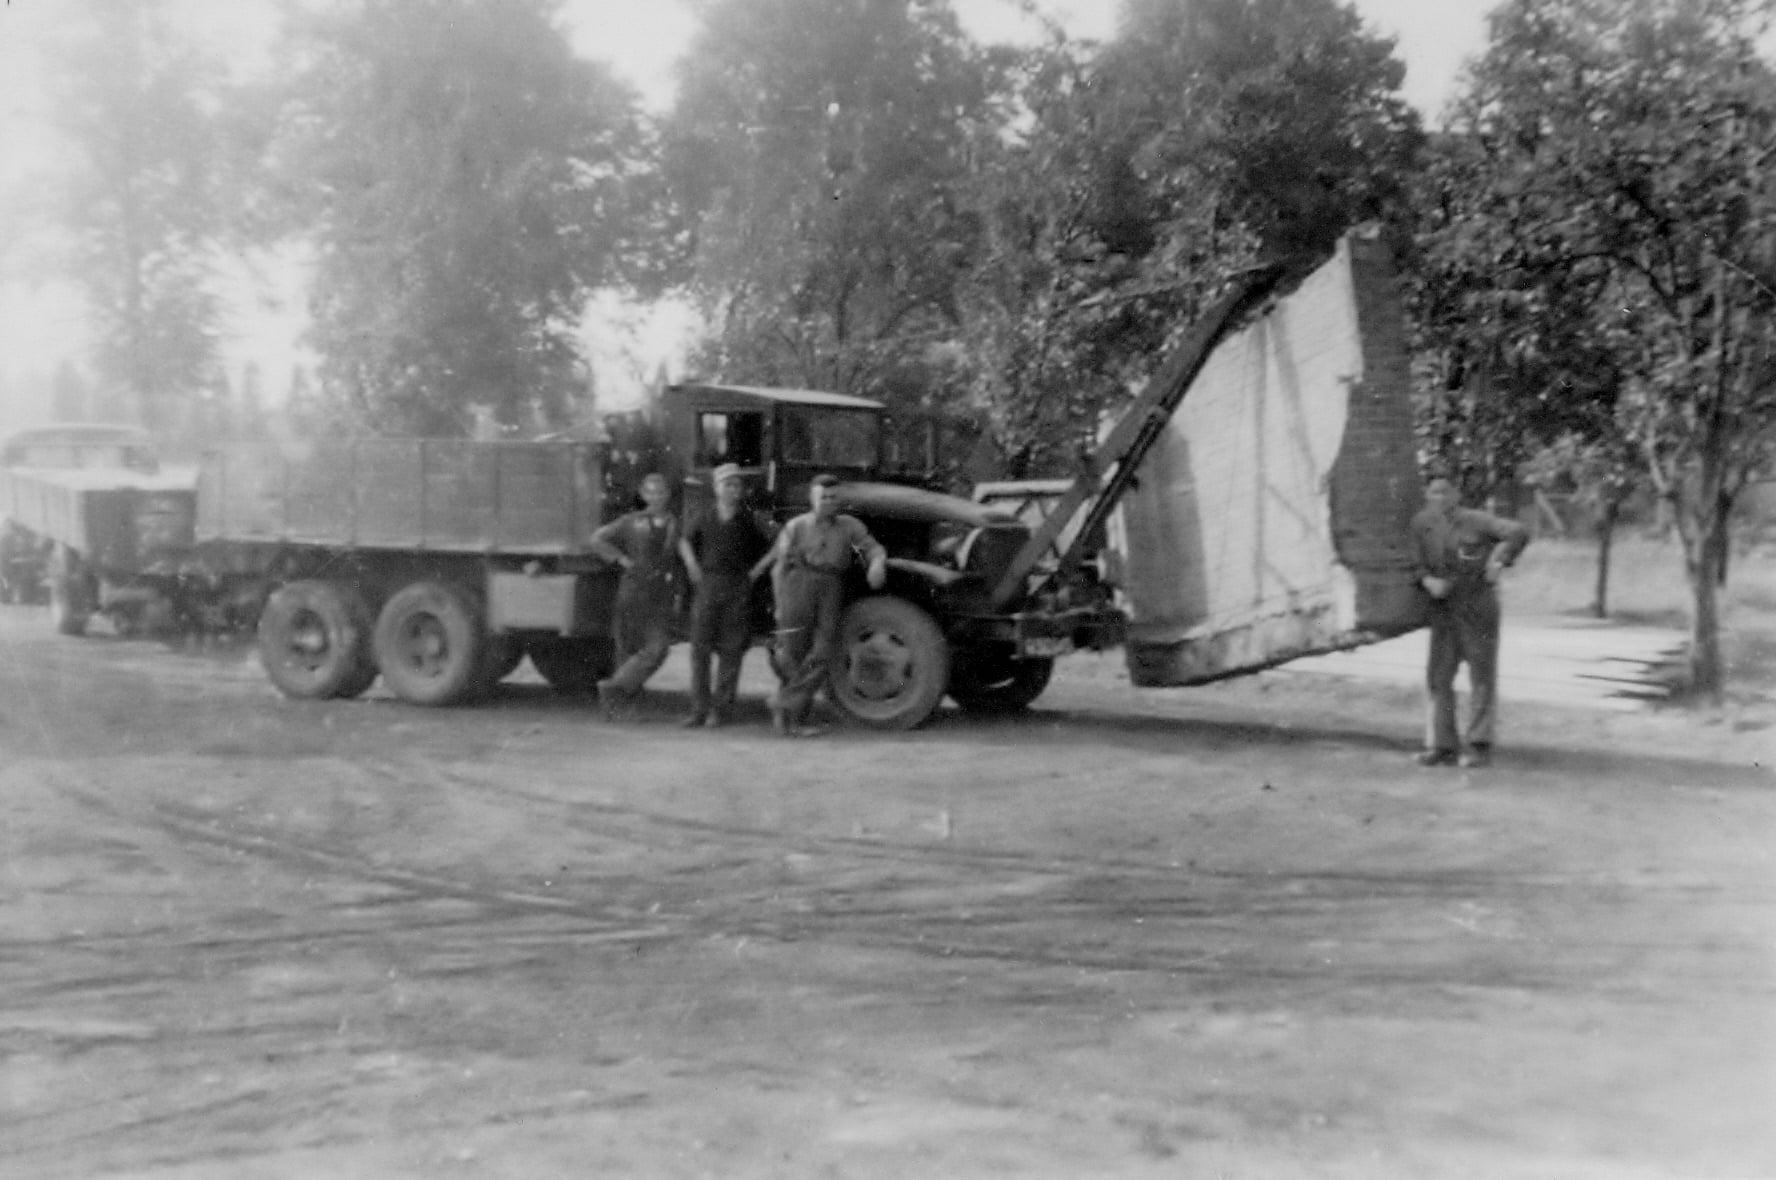 eerste-vrachtwagen-1951-opa-is-een-stuk-schuur-aan-het-verplaatsen--Pim-Ewals-archief